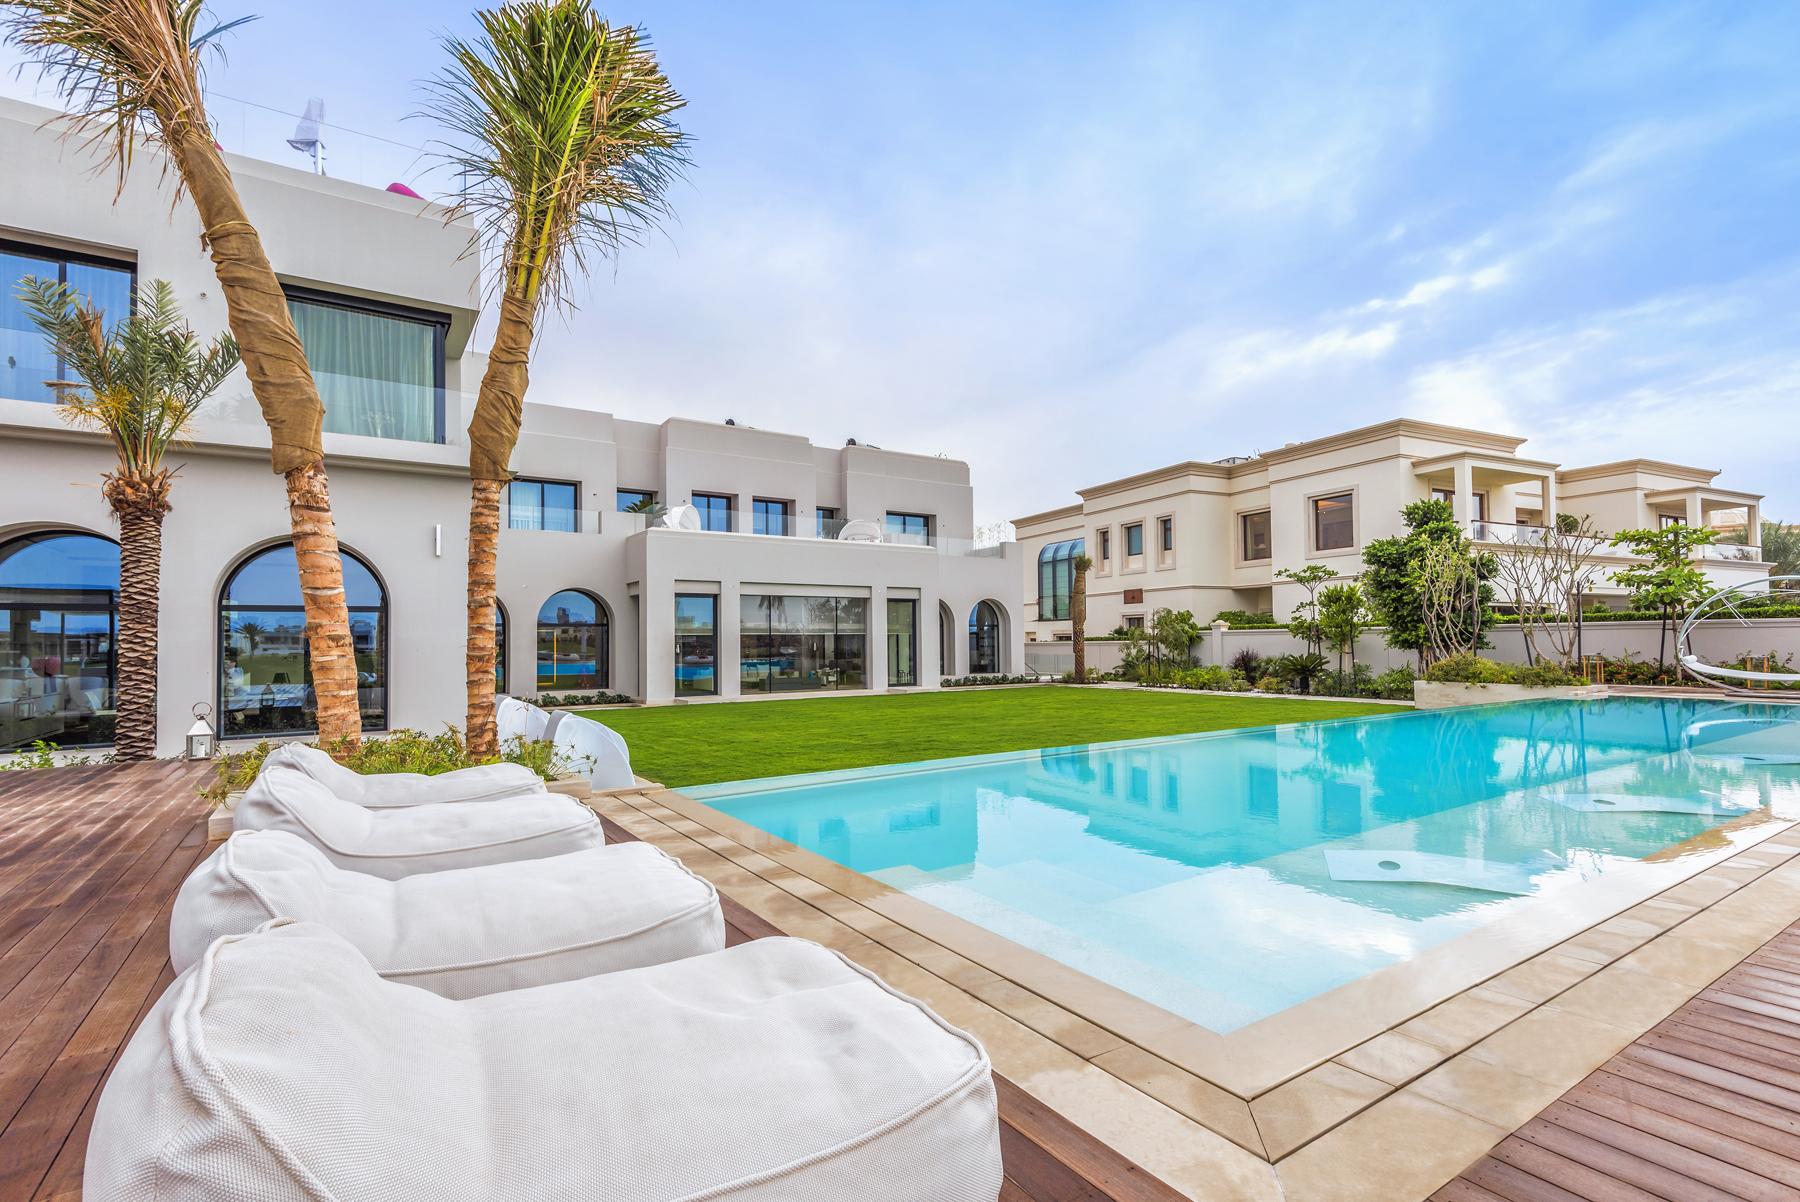 二世帯住宅 のために 売買 アット Golf Course View - Emirates Hills Emirates Hills, Dubai, アラブ首長国連邦